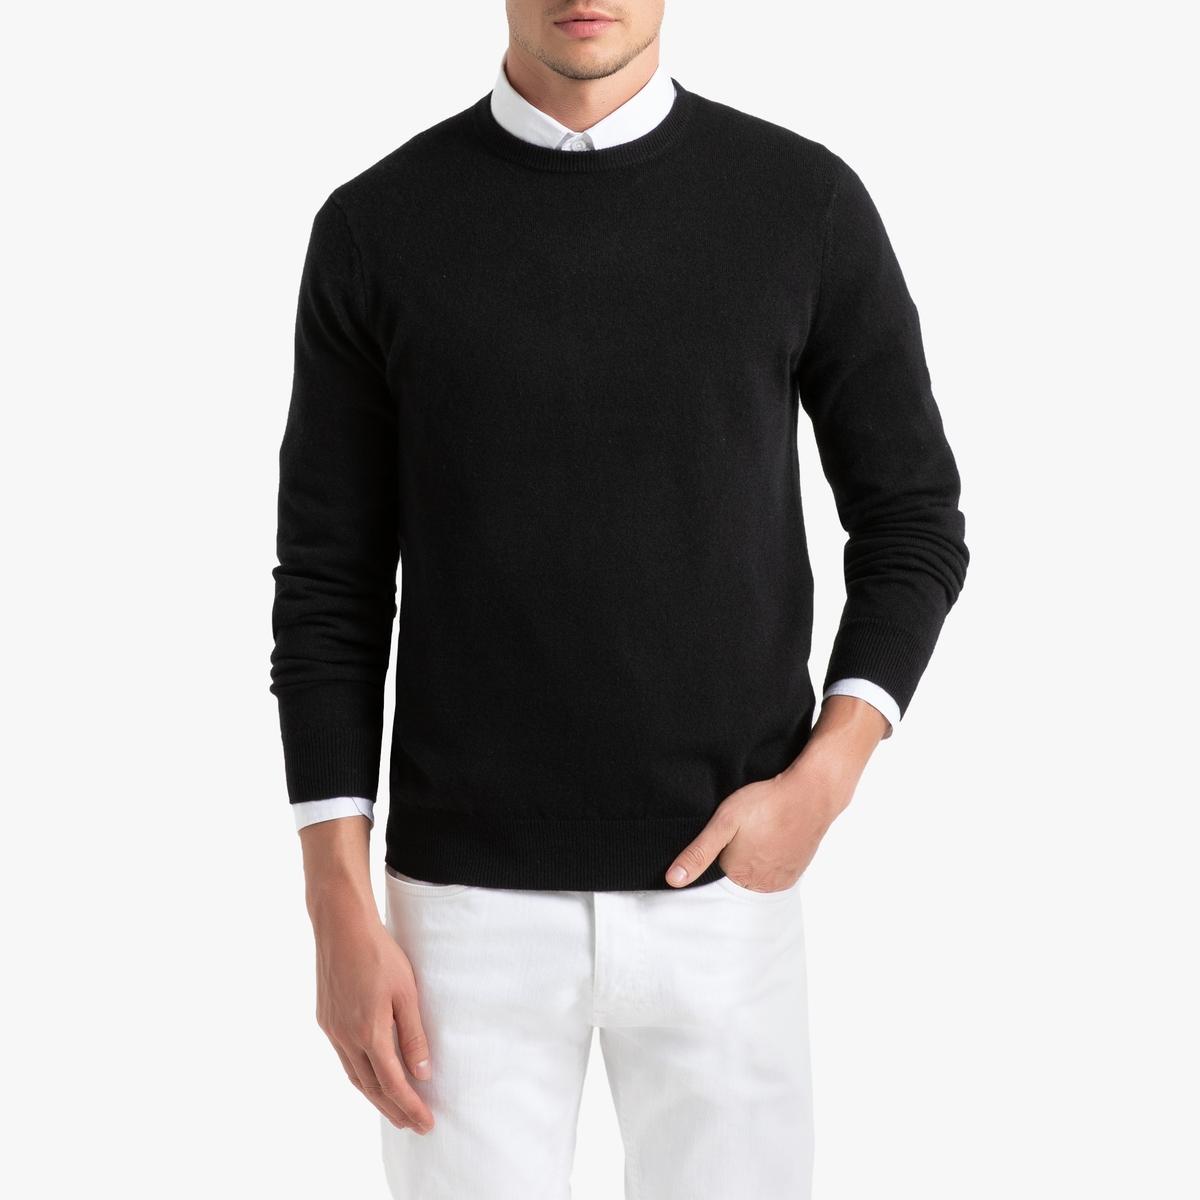 Пуловер La Redoute С круглым вырезом кашемира S черный пуловер la redoute с круглым вырезом из шерсти мериноса pascal 3xl черный